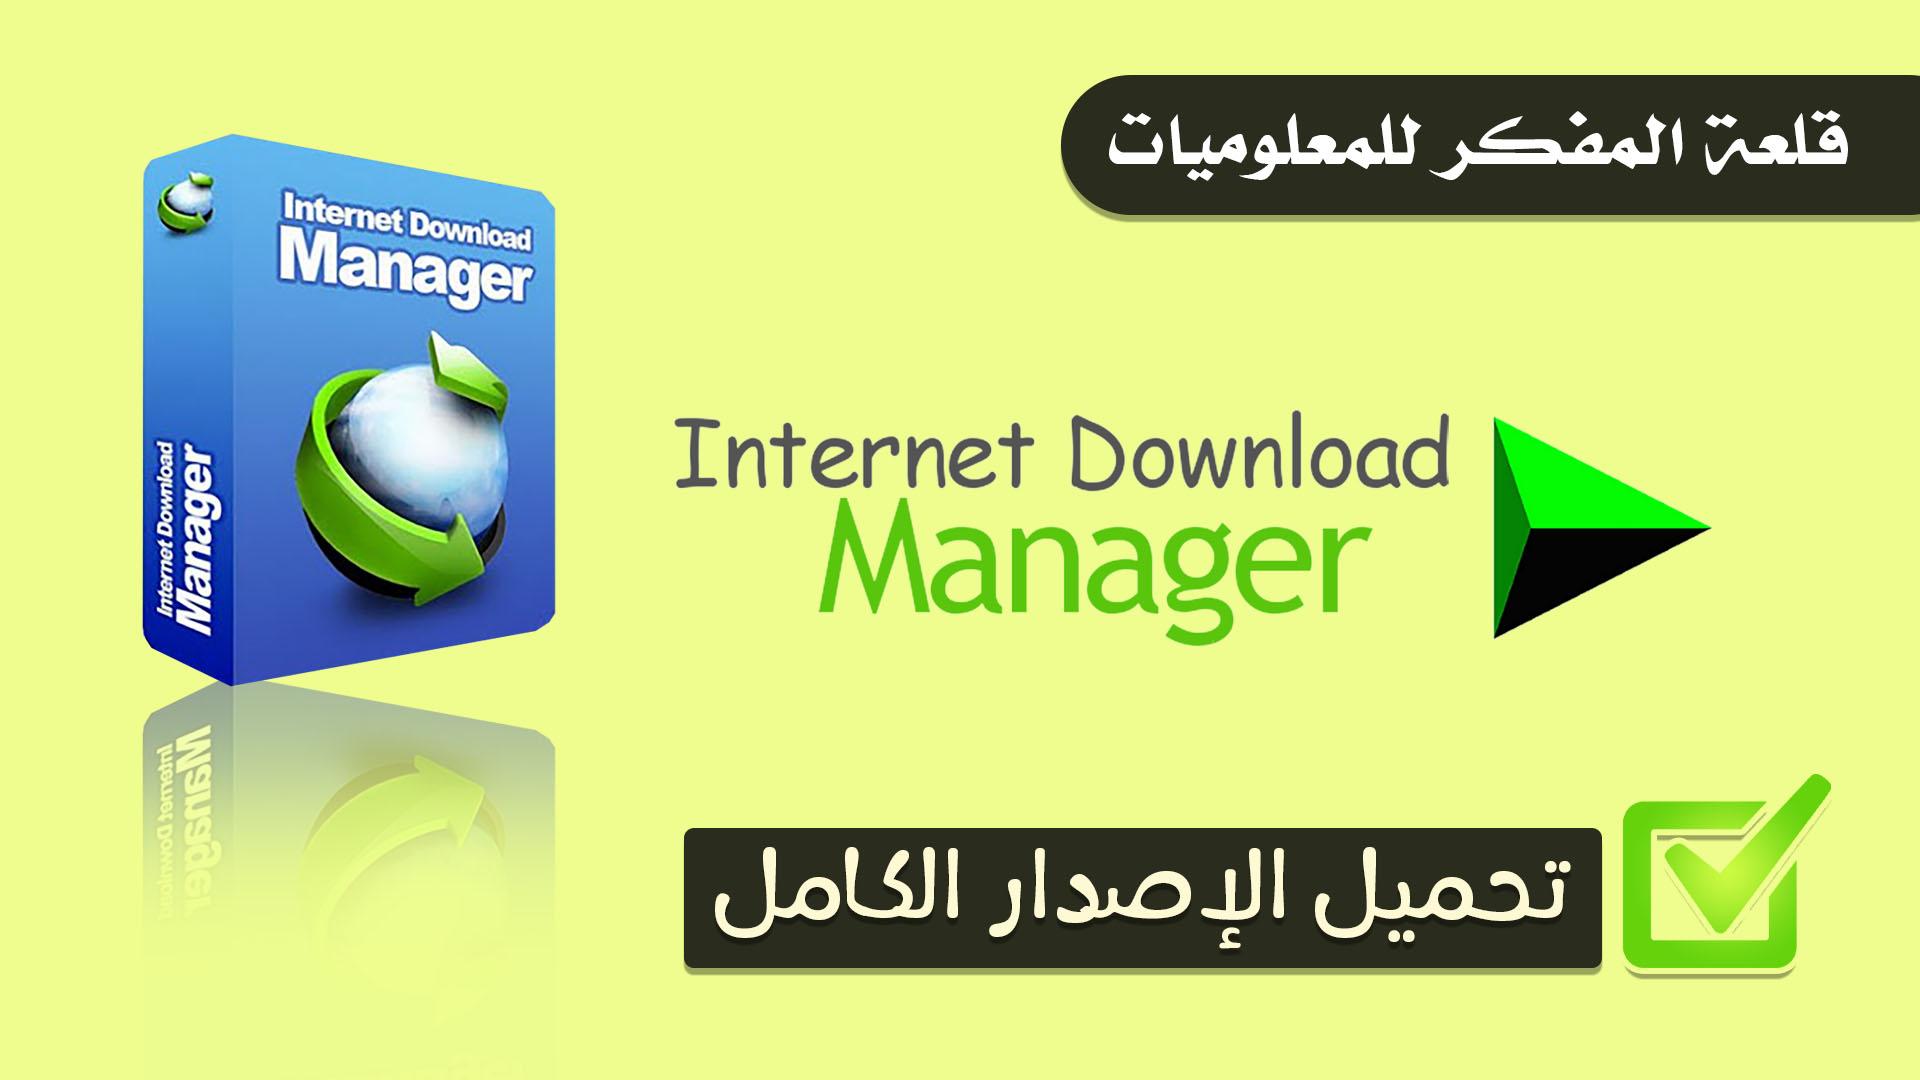 تحميل برنامج داونلود مانجر مجانا بدون تسجيل ولا رقم تسلسلى مدى الحياة